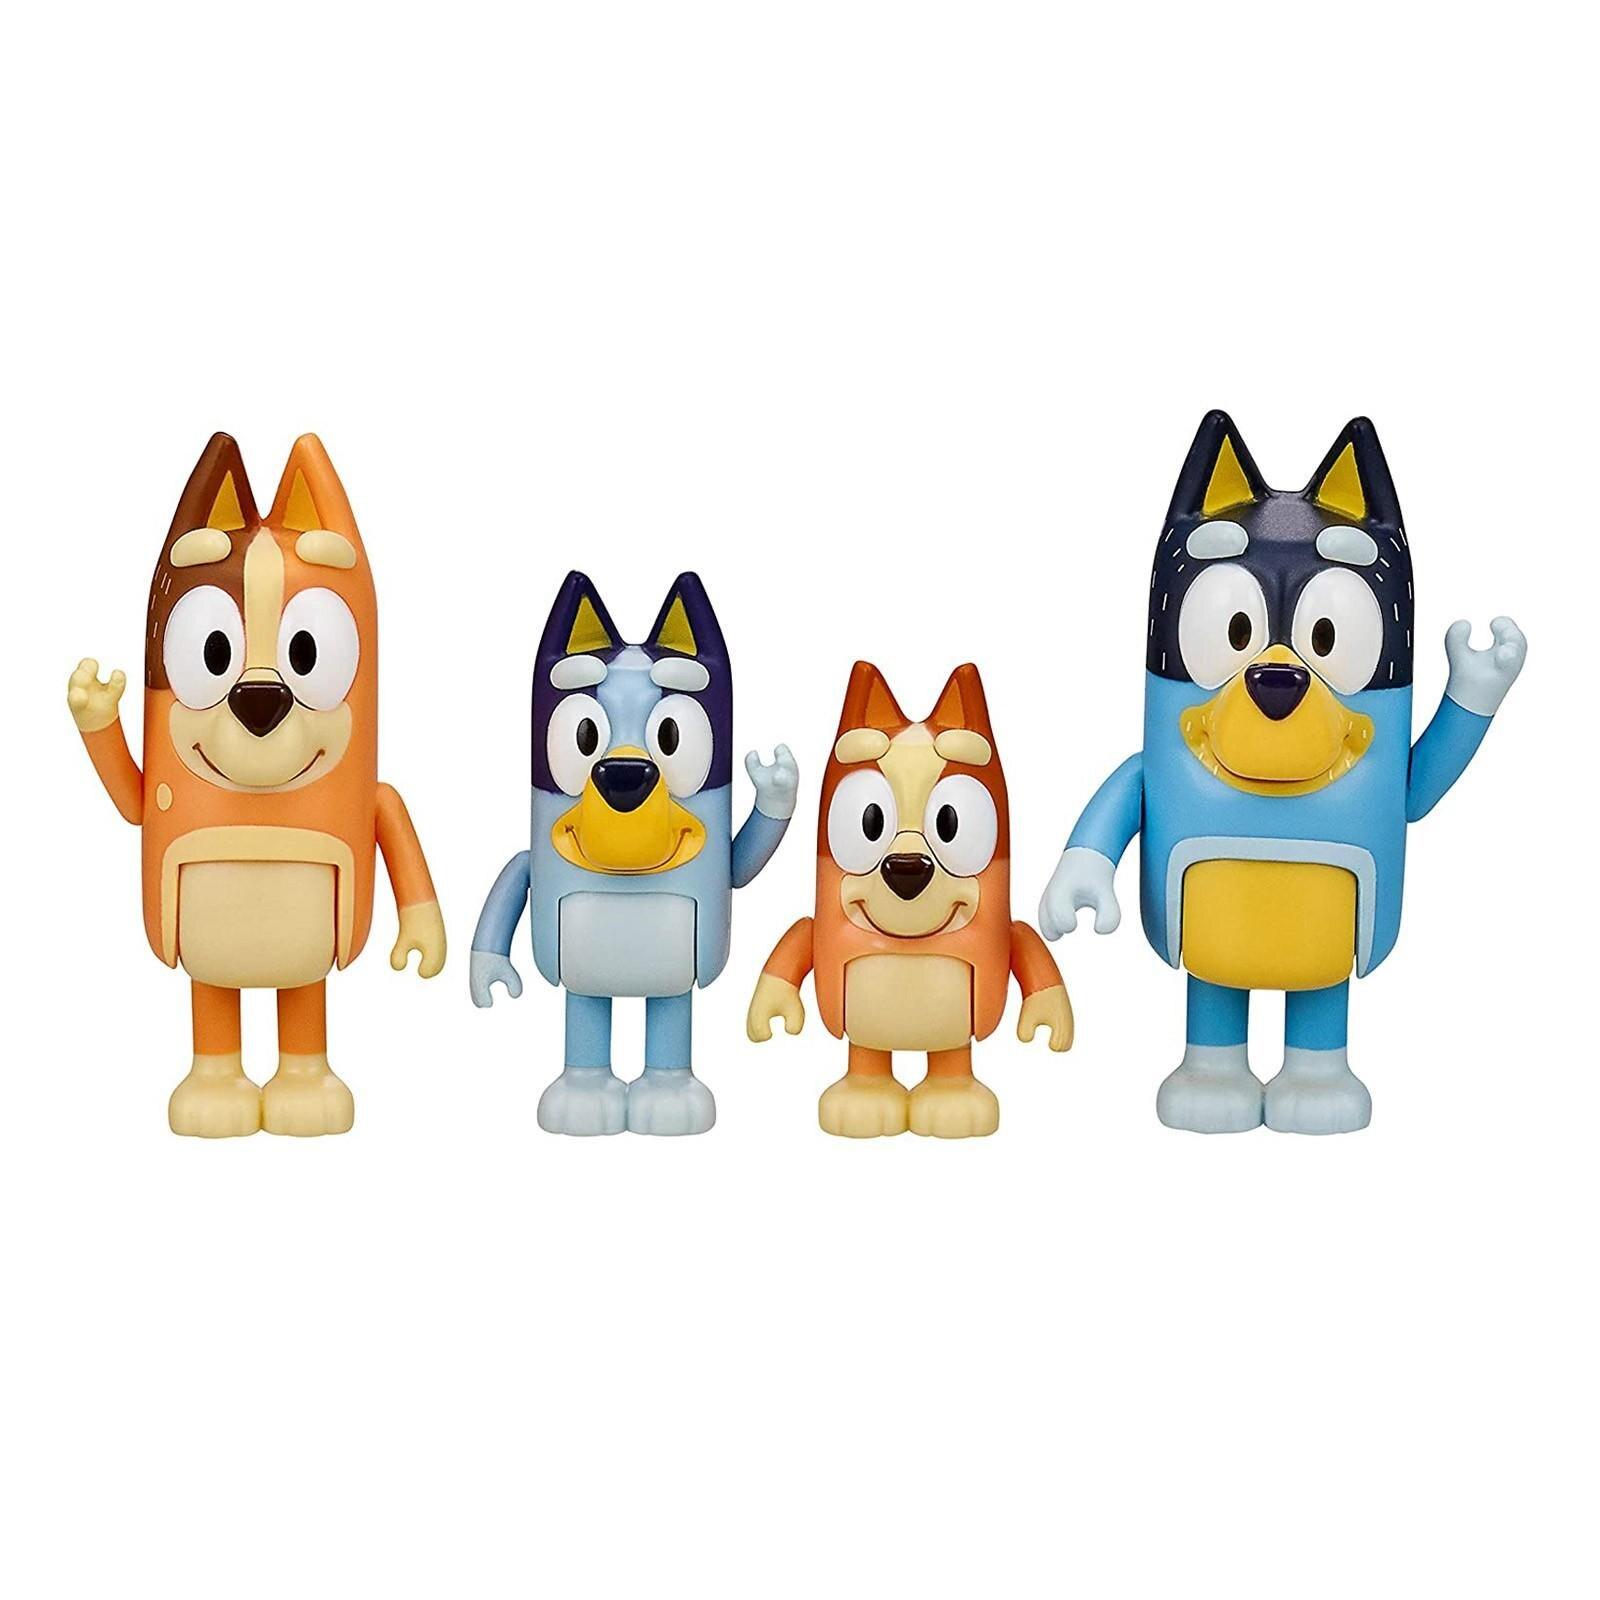 Новинка, кавайная экшн-фигурка семьи Bluey, игрушки, милые животные, Bluey, бинго, подвижные шарнирные куклы-собаки для детей, малышей, семейная мо...